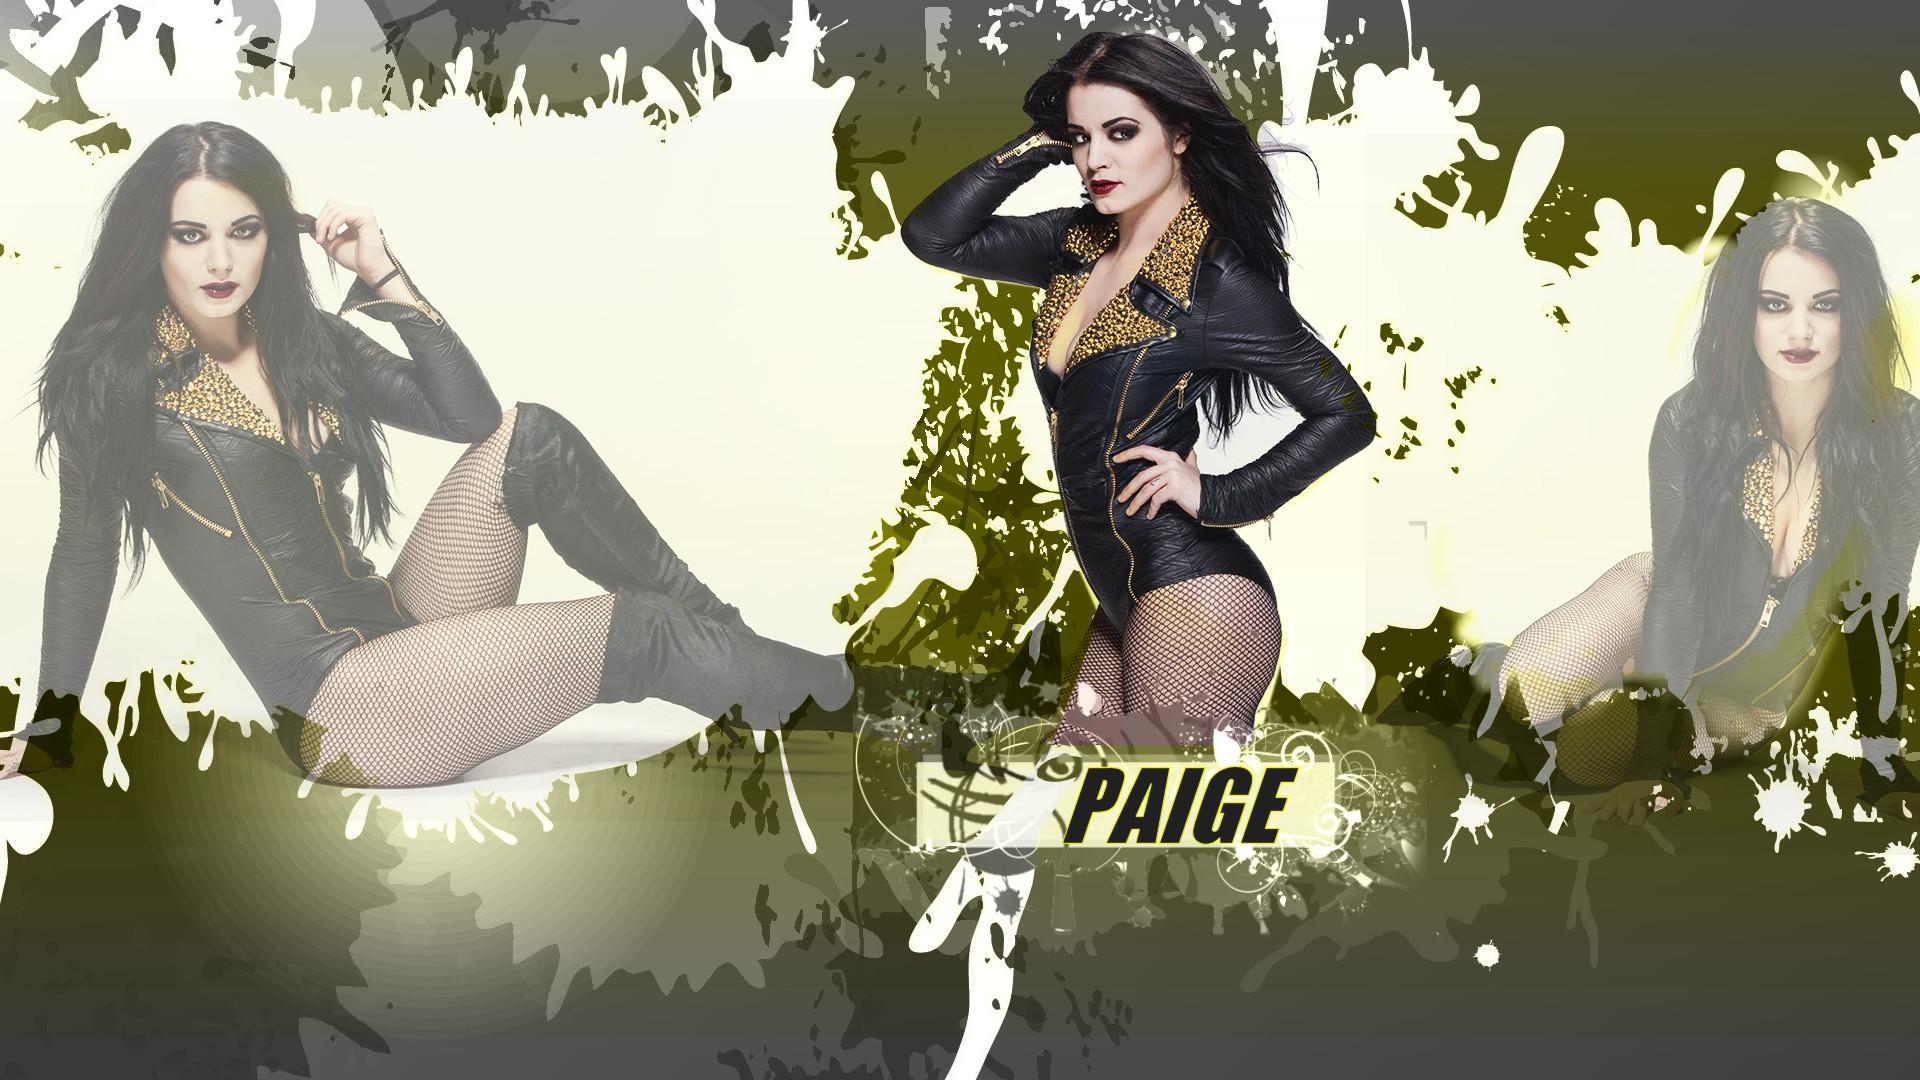 KJJ:129 – Paige WWE 2015 Wallpapers, Paige WWE 2015 HD .